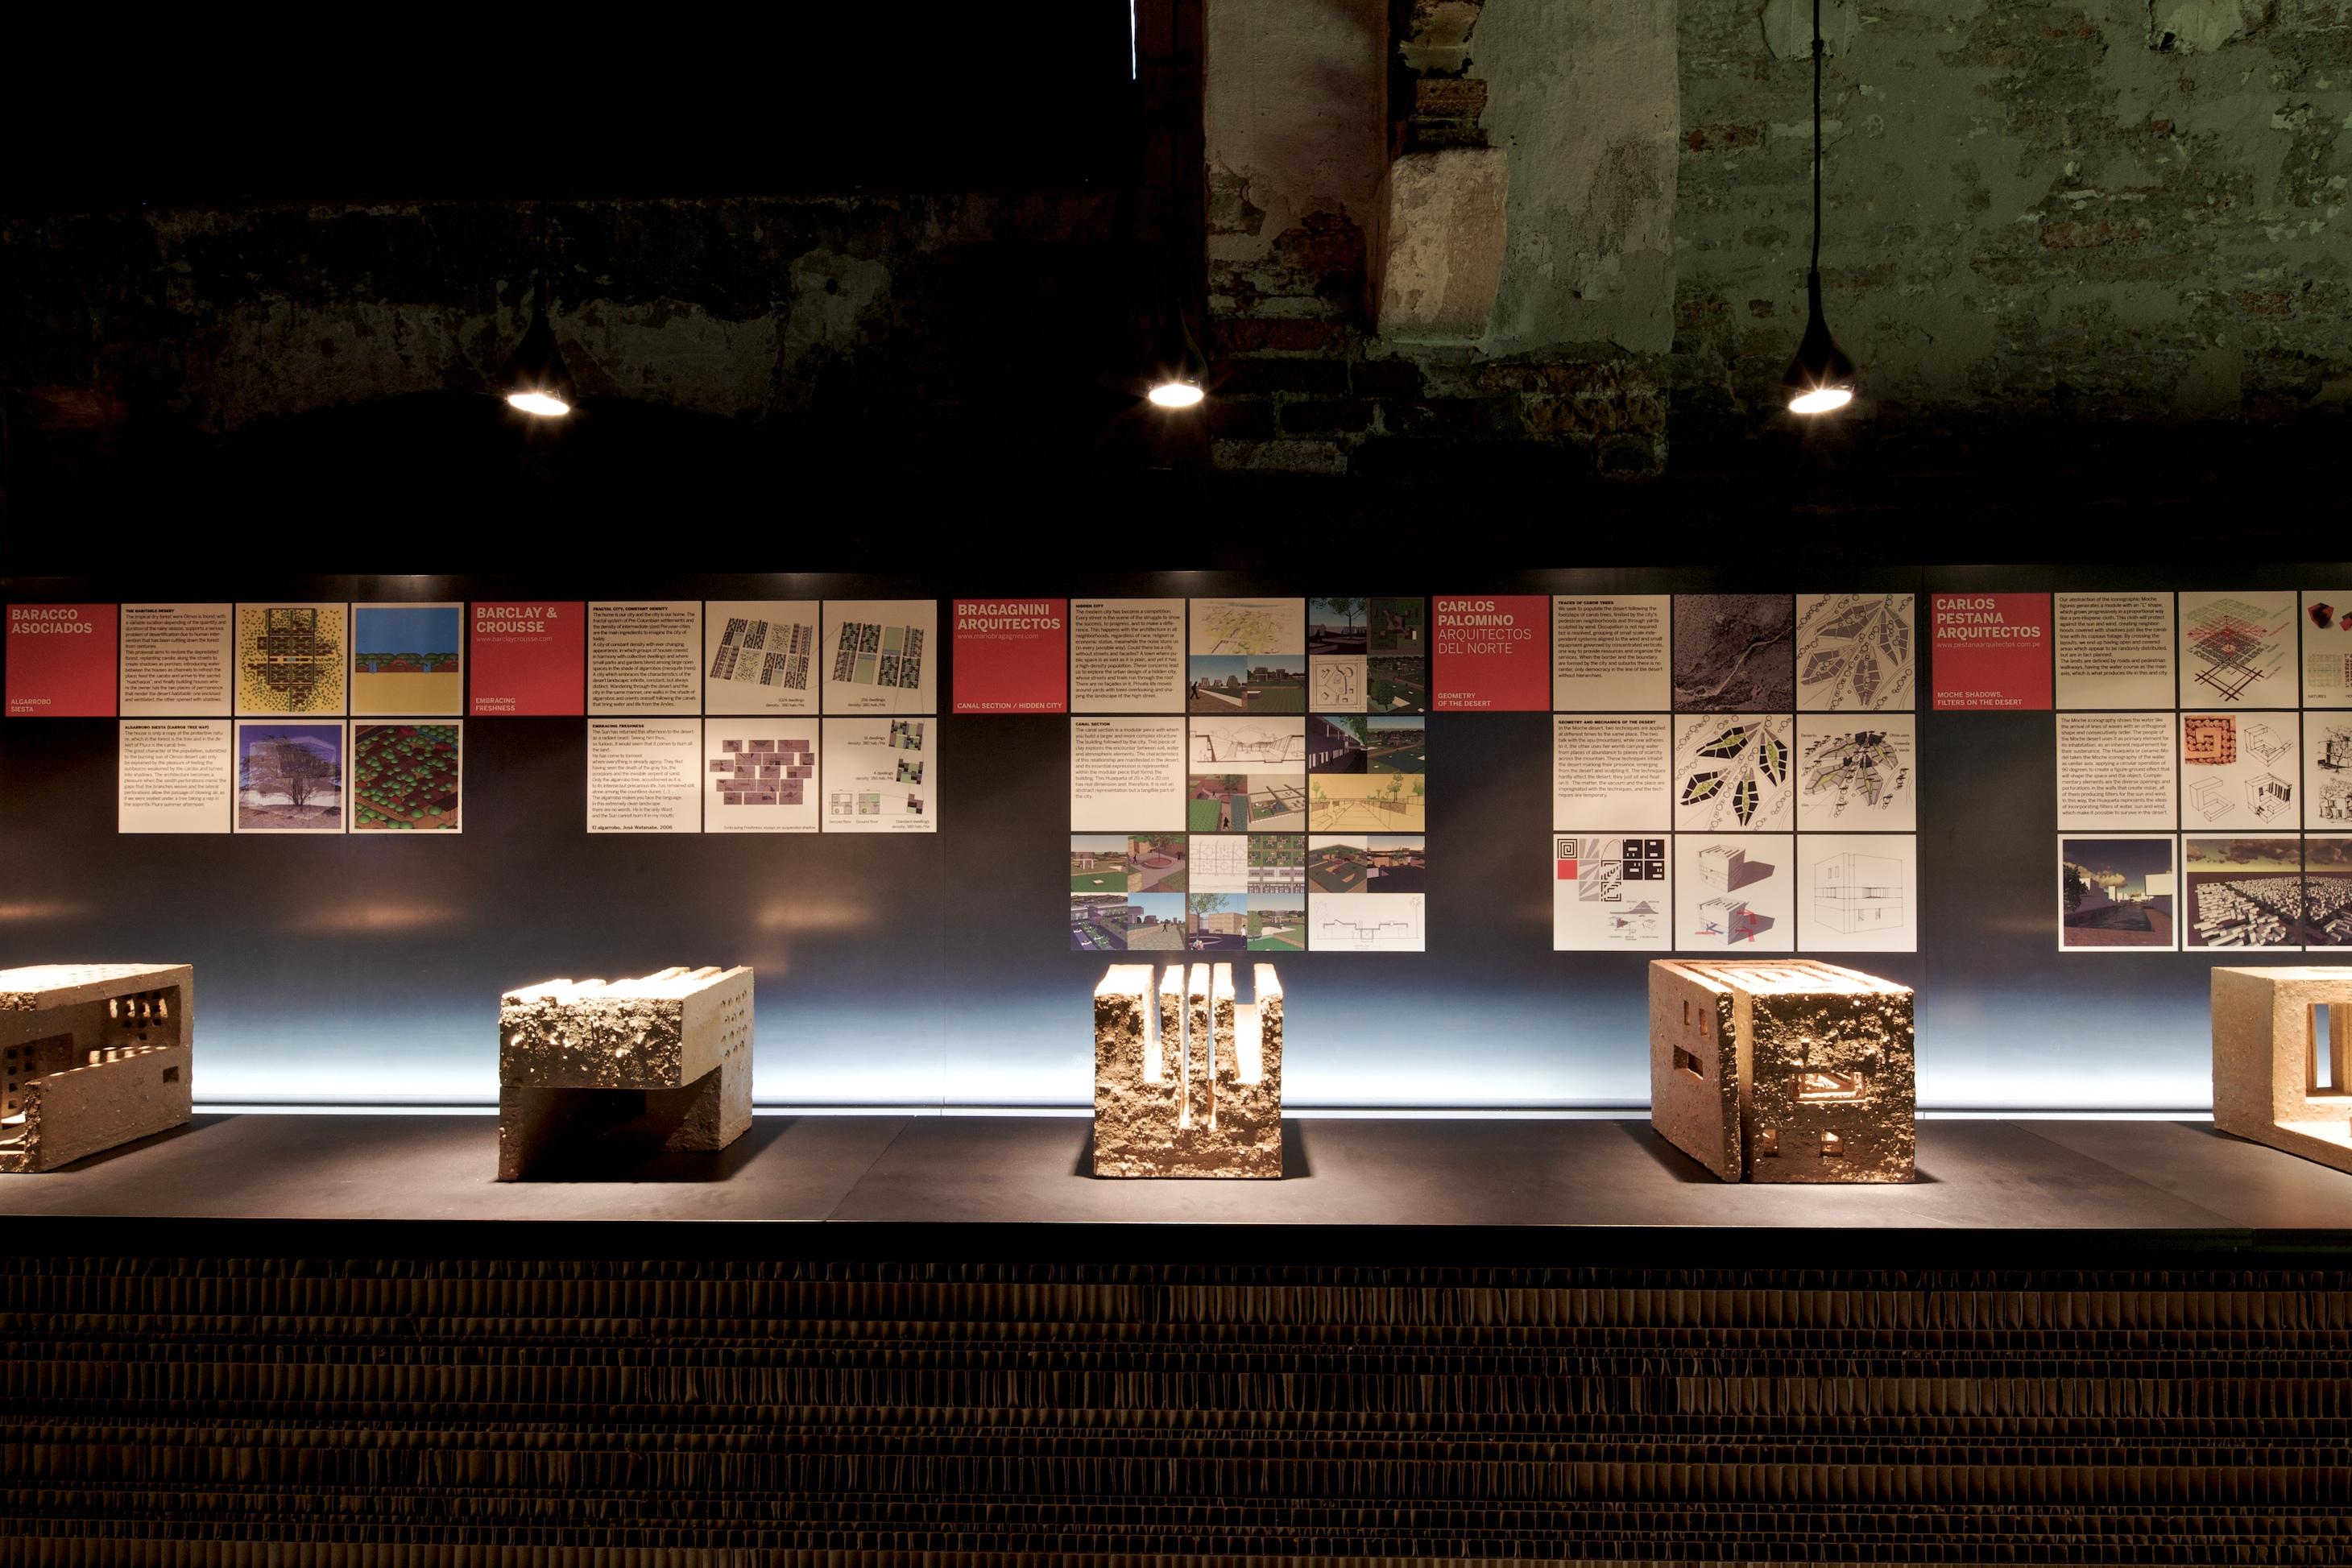 Bienal de Veneza 2012: Yucún ou habitando o deserto / Peru, © Nico Saieh